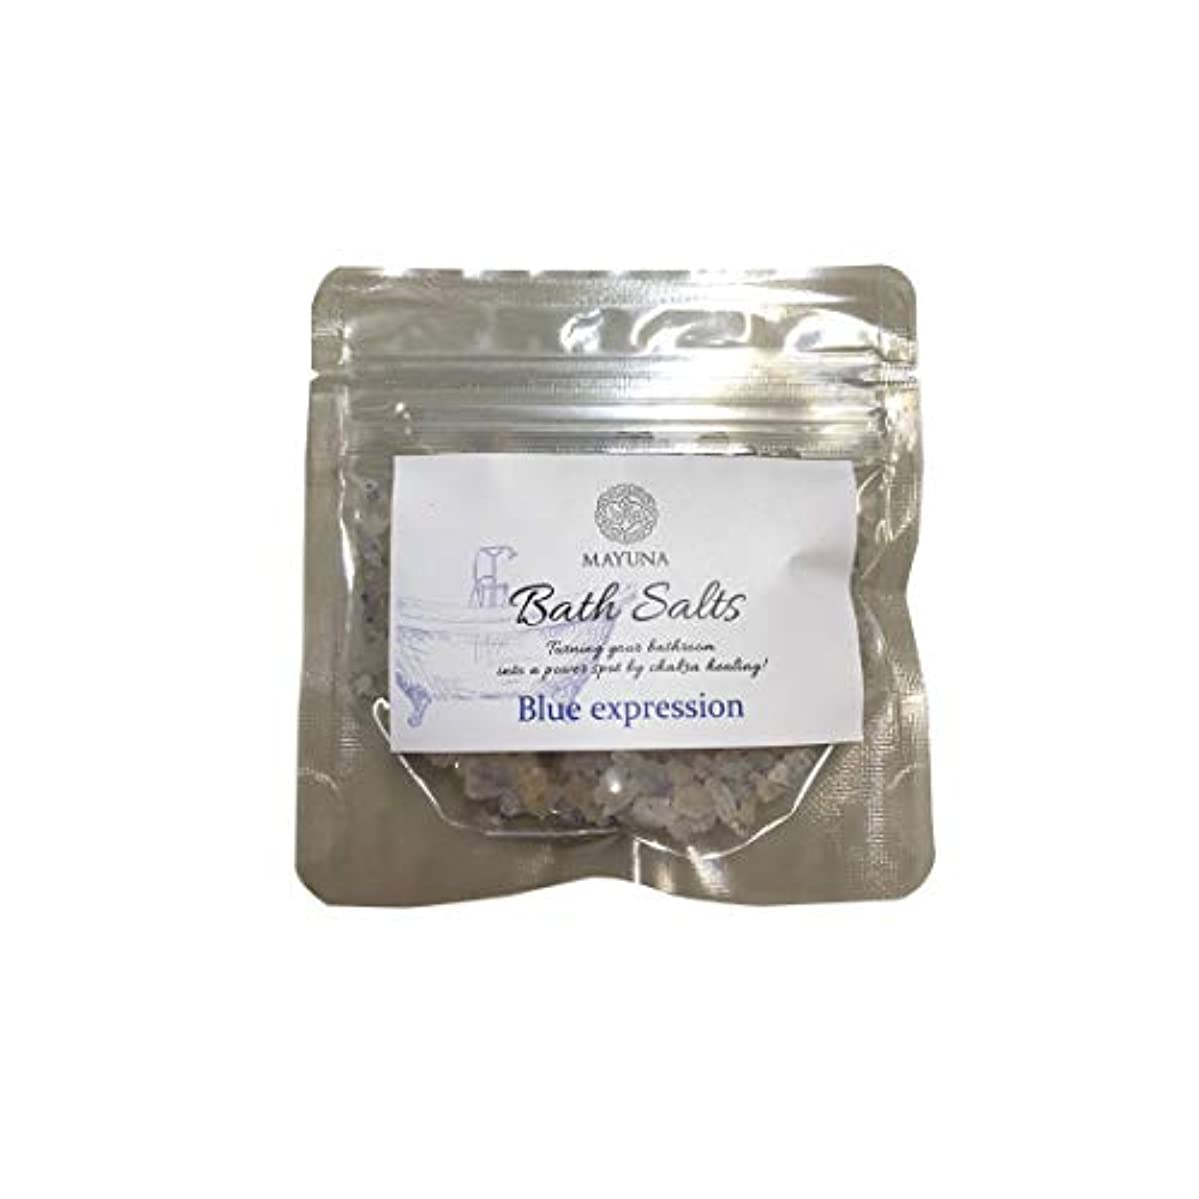 未接続残りポーンMayuna Bath Salts マユナバスソルト クリスタルフォーチュン 50g (ブルーエクスプレッション)